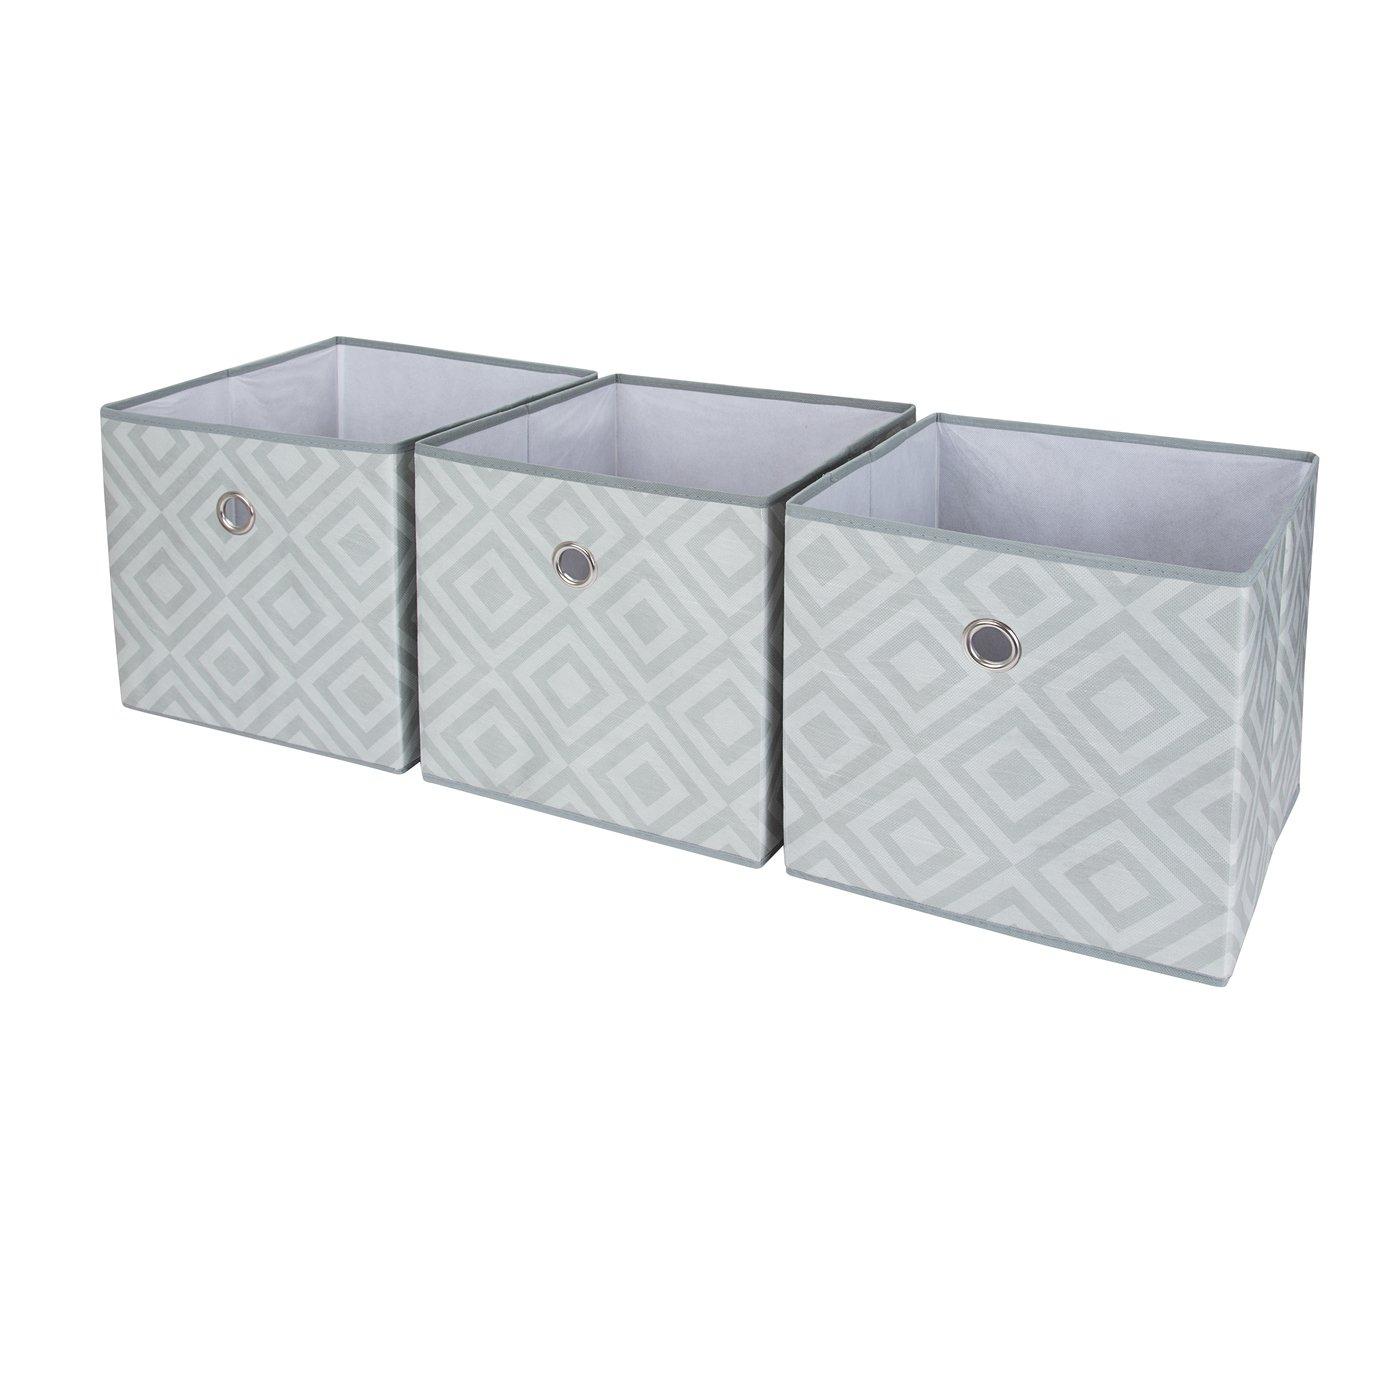 SbS cajas plegables de almacenamiento de tela plegable, cubos, cajas, zapatillas de deporte. Diamante Gris, (Paquete de 3). Cada bandeja de almacenamiento mide 28 cms en todos los lados